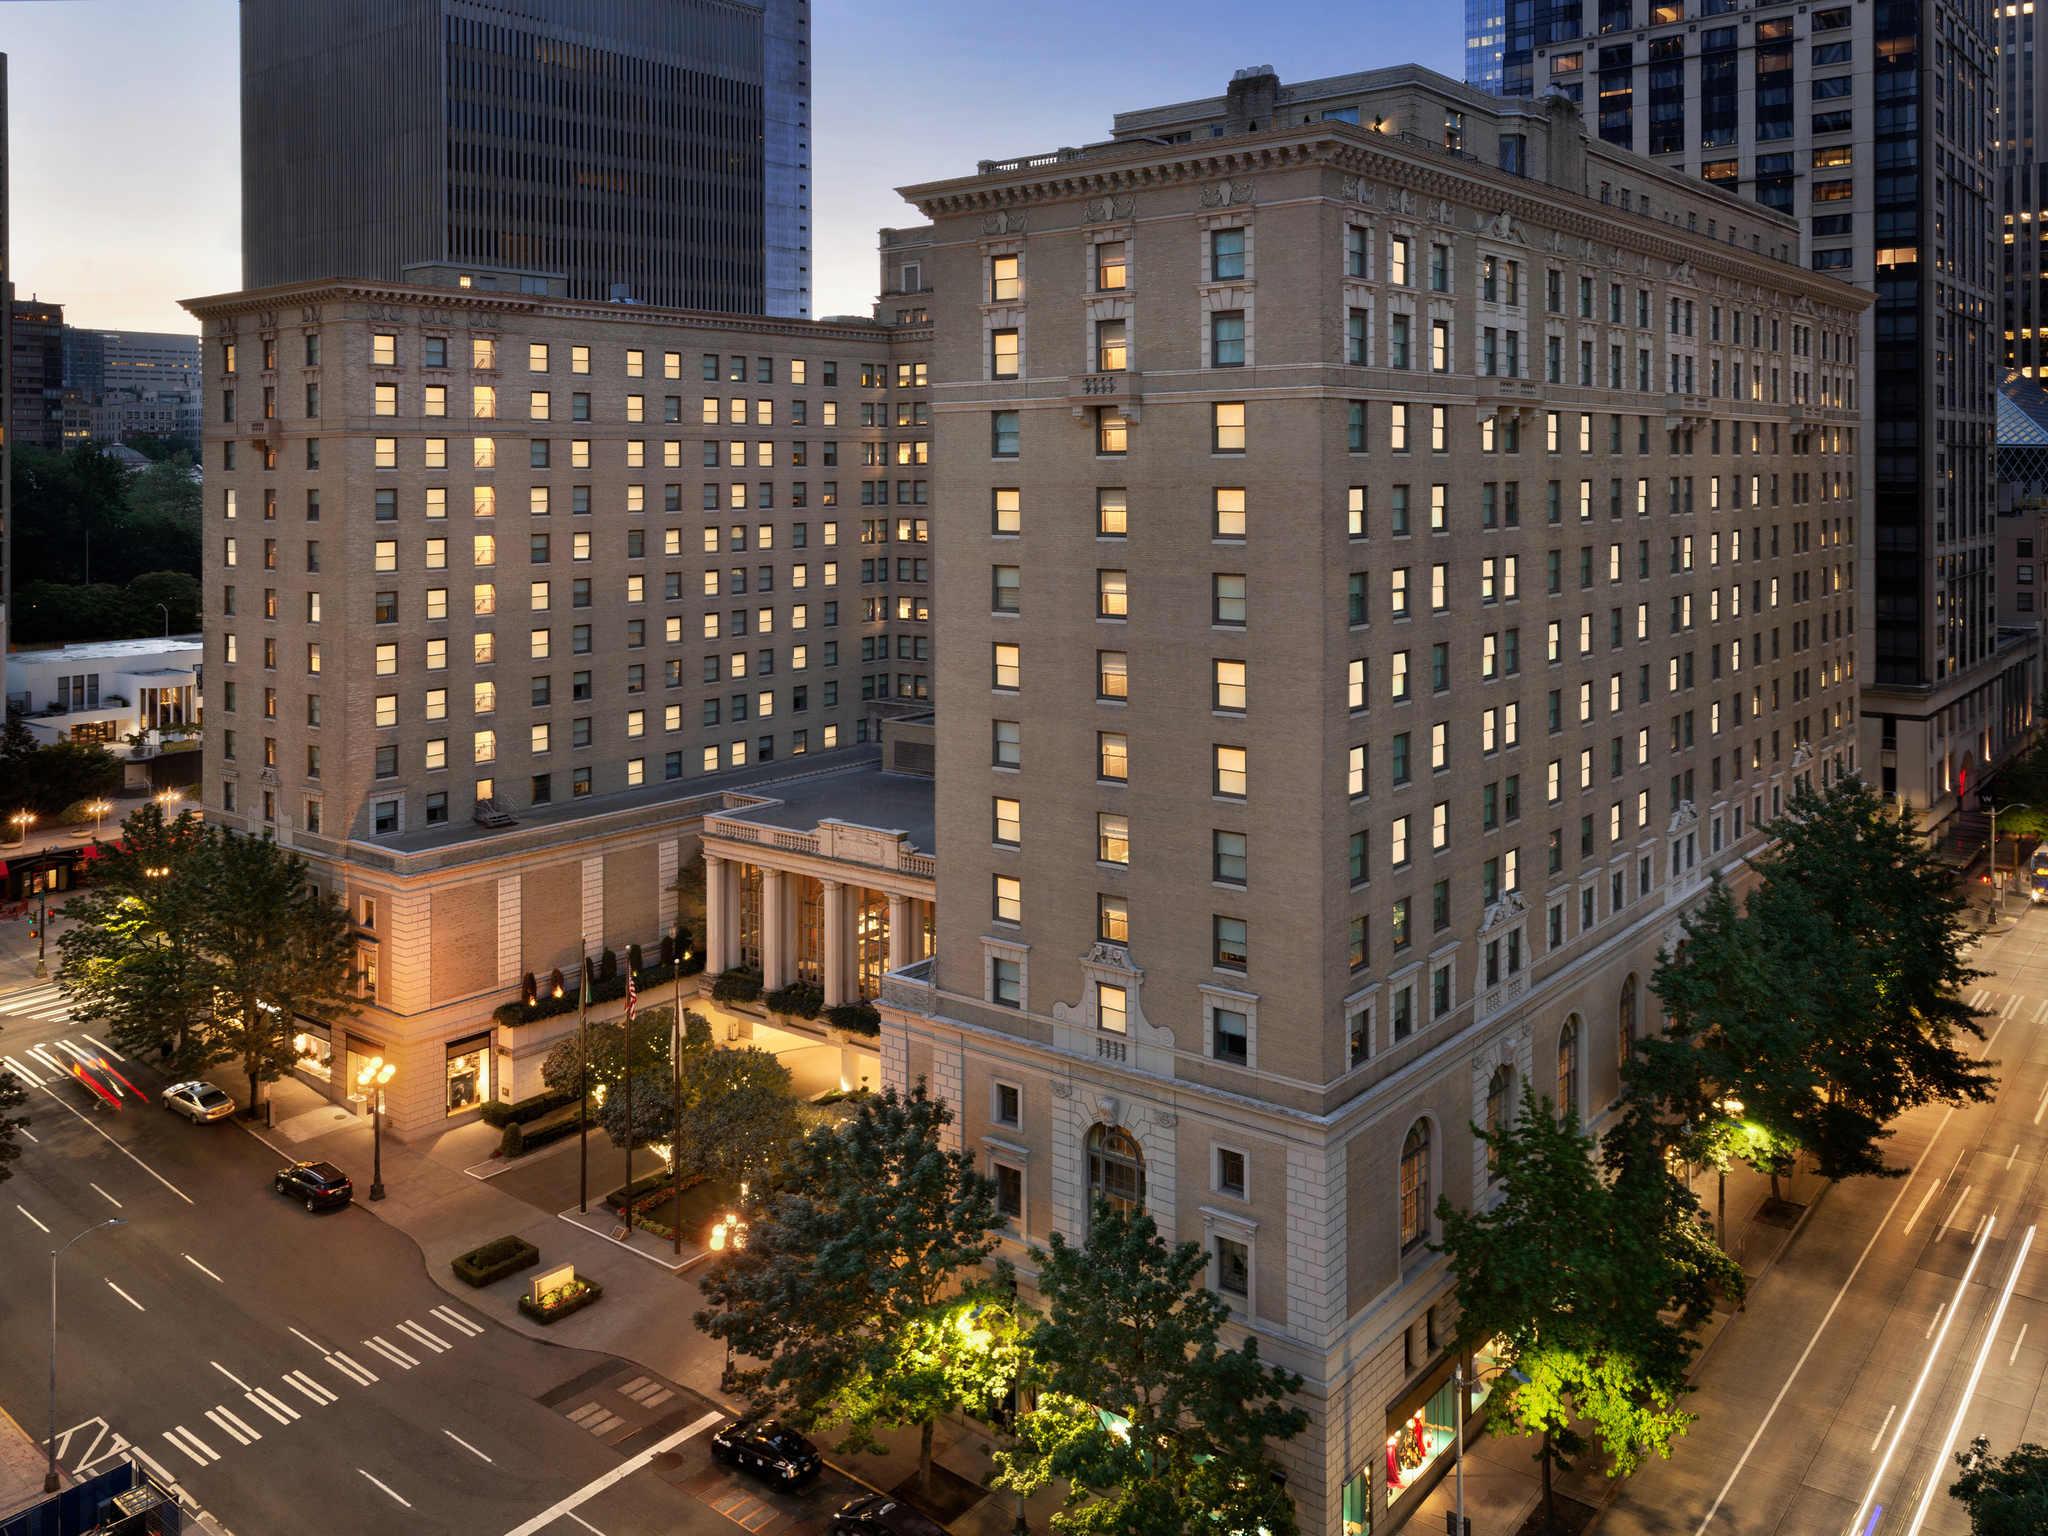 酒店 – 费尔蒙奥林匹克酒店 - 西雅图